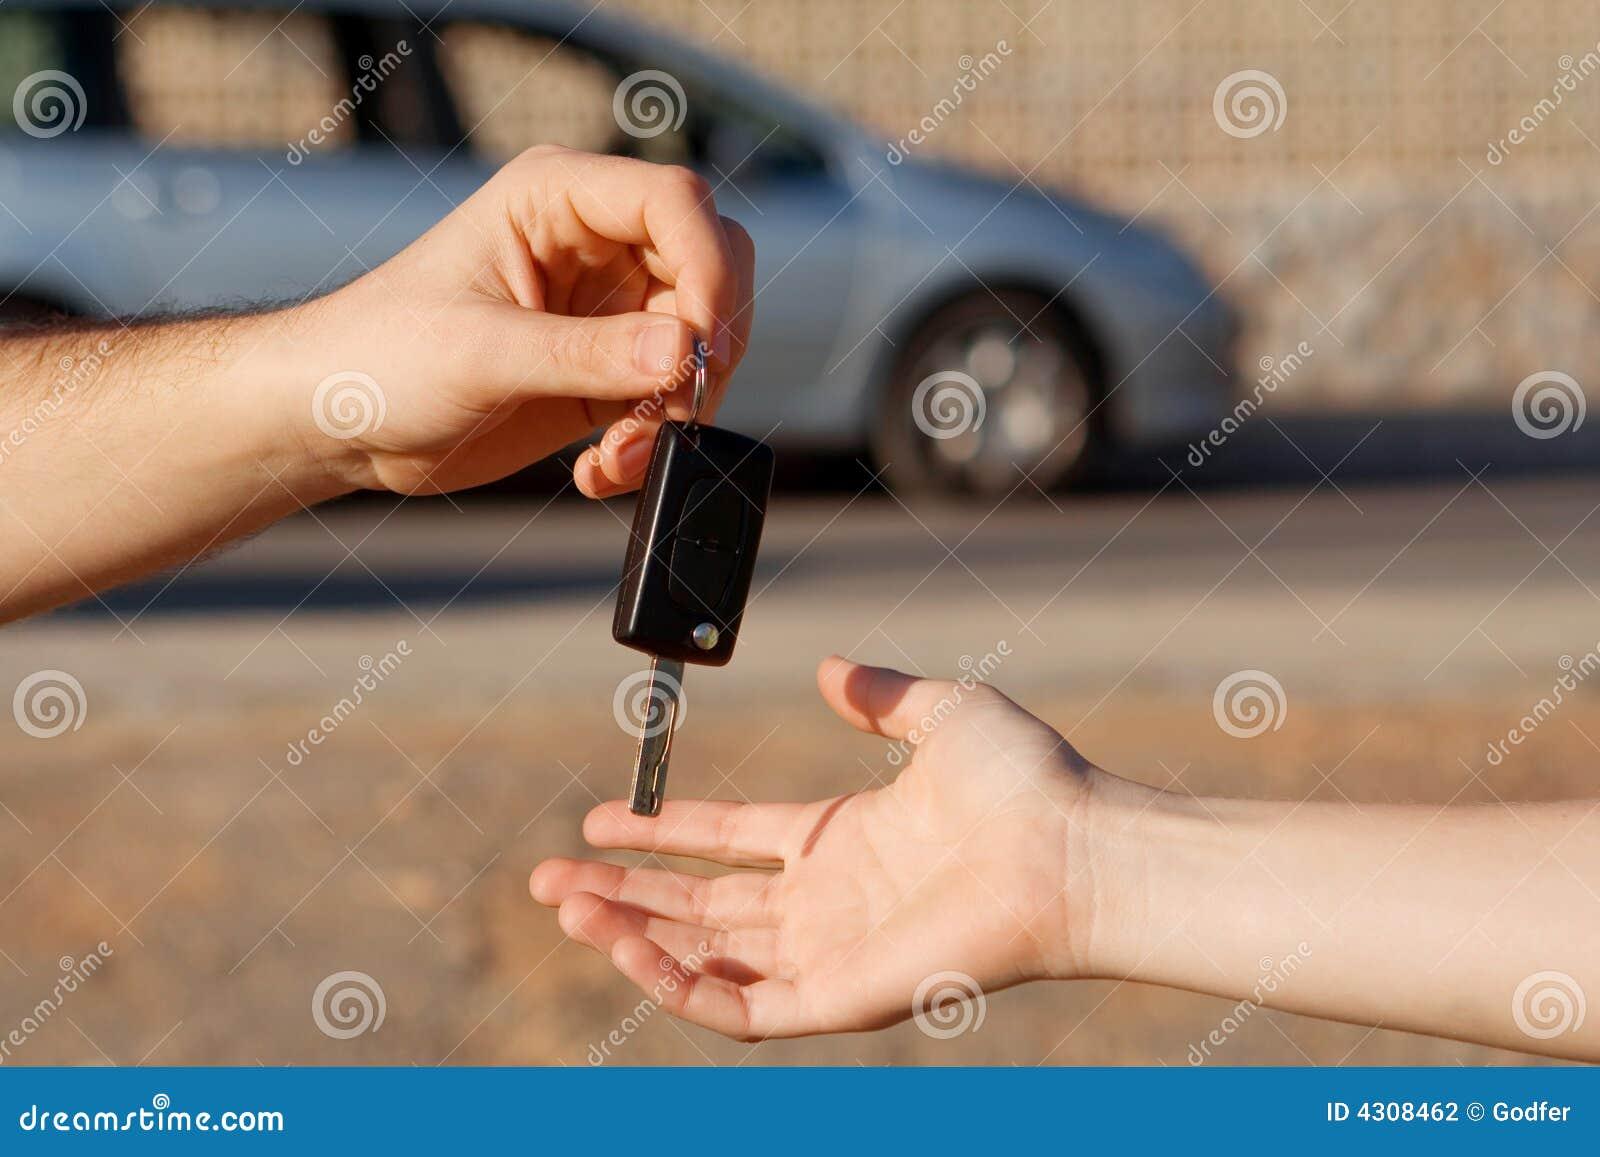 Buying new car, passing key